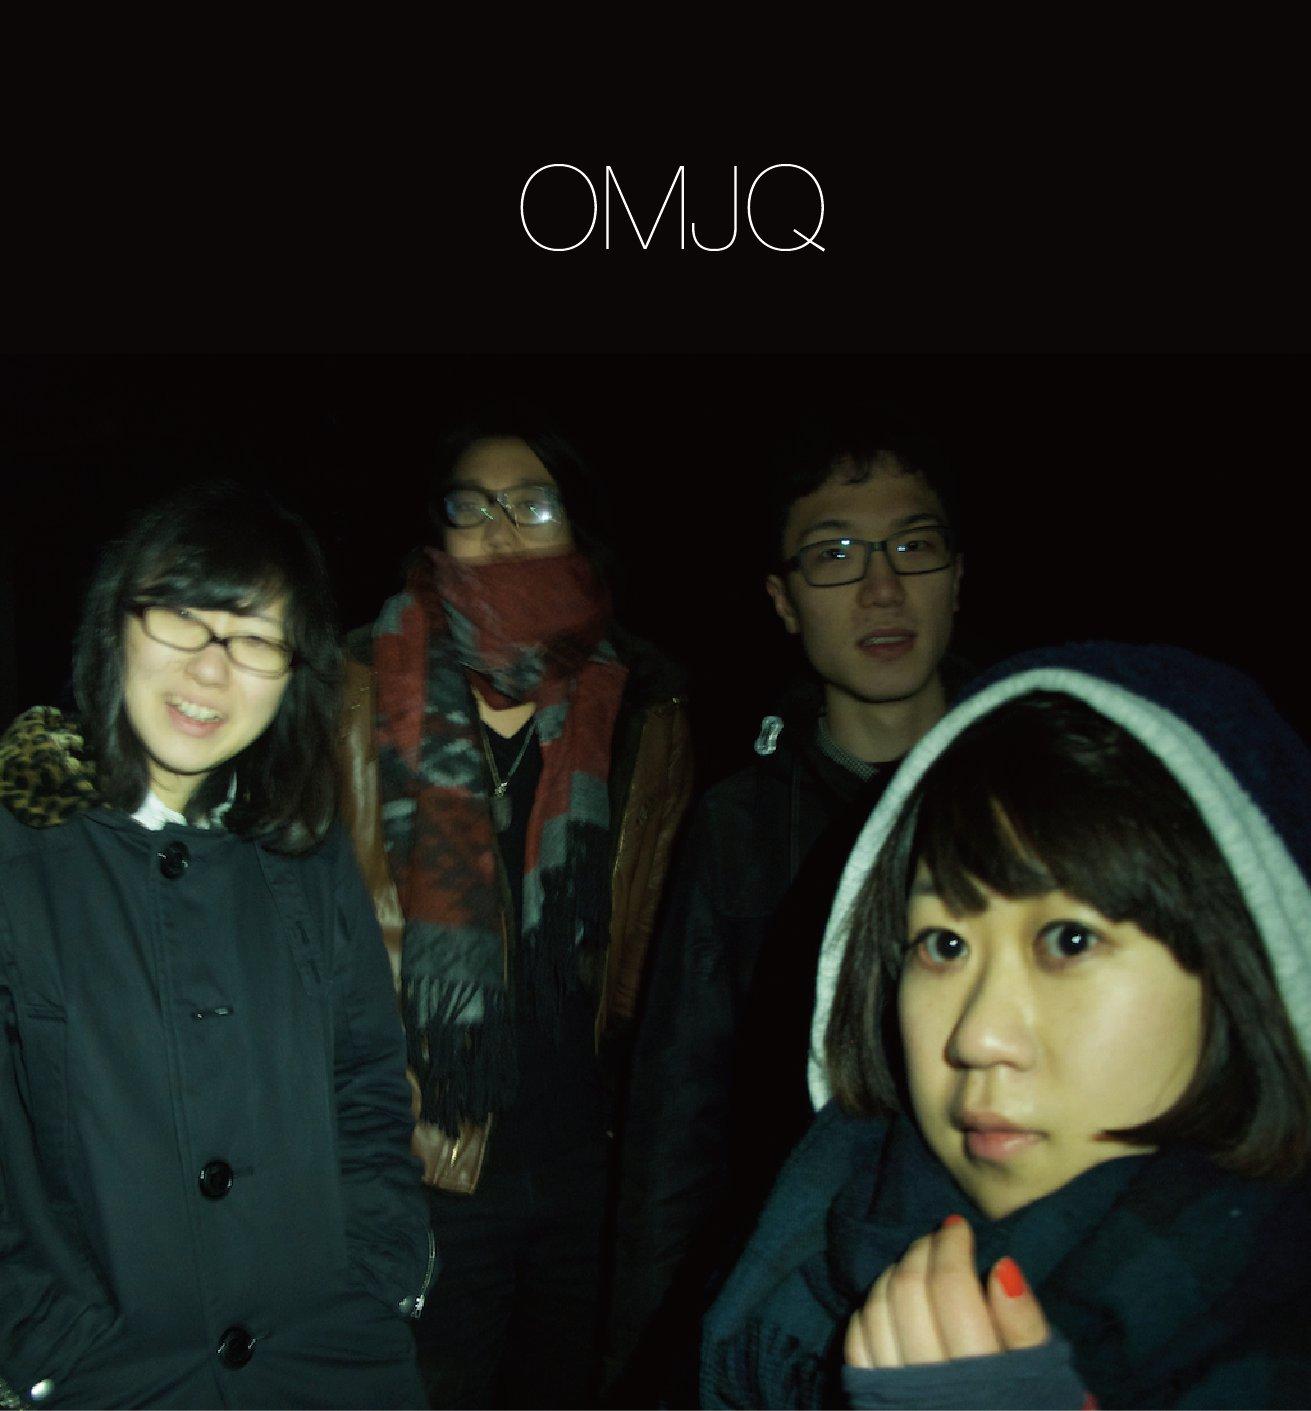 Omjqweb